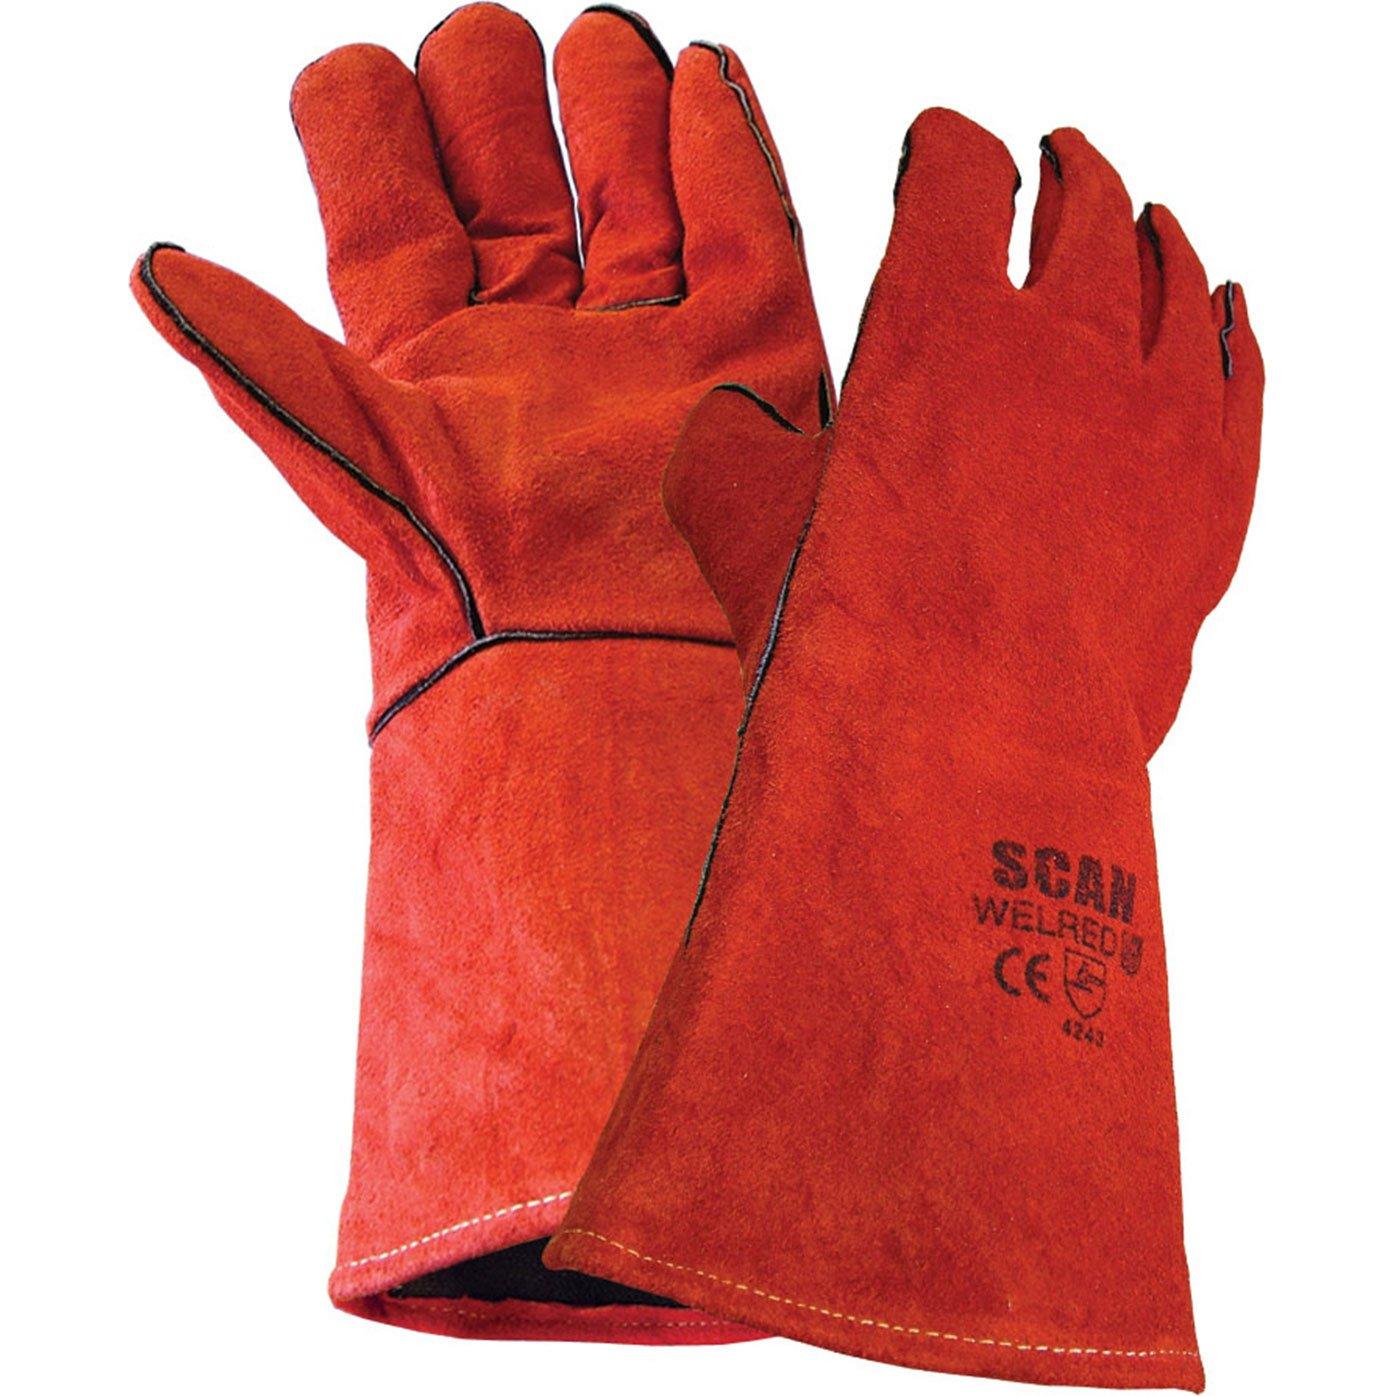 Guantes de soldador Advanced Scan par rojo [1 unidad] con Min 3 años garantía Cleva: Amazon.es: Bricolaje y herramientas